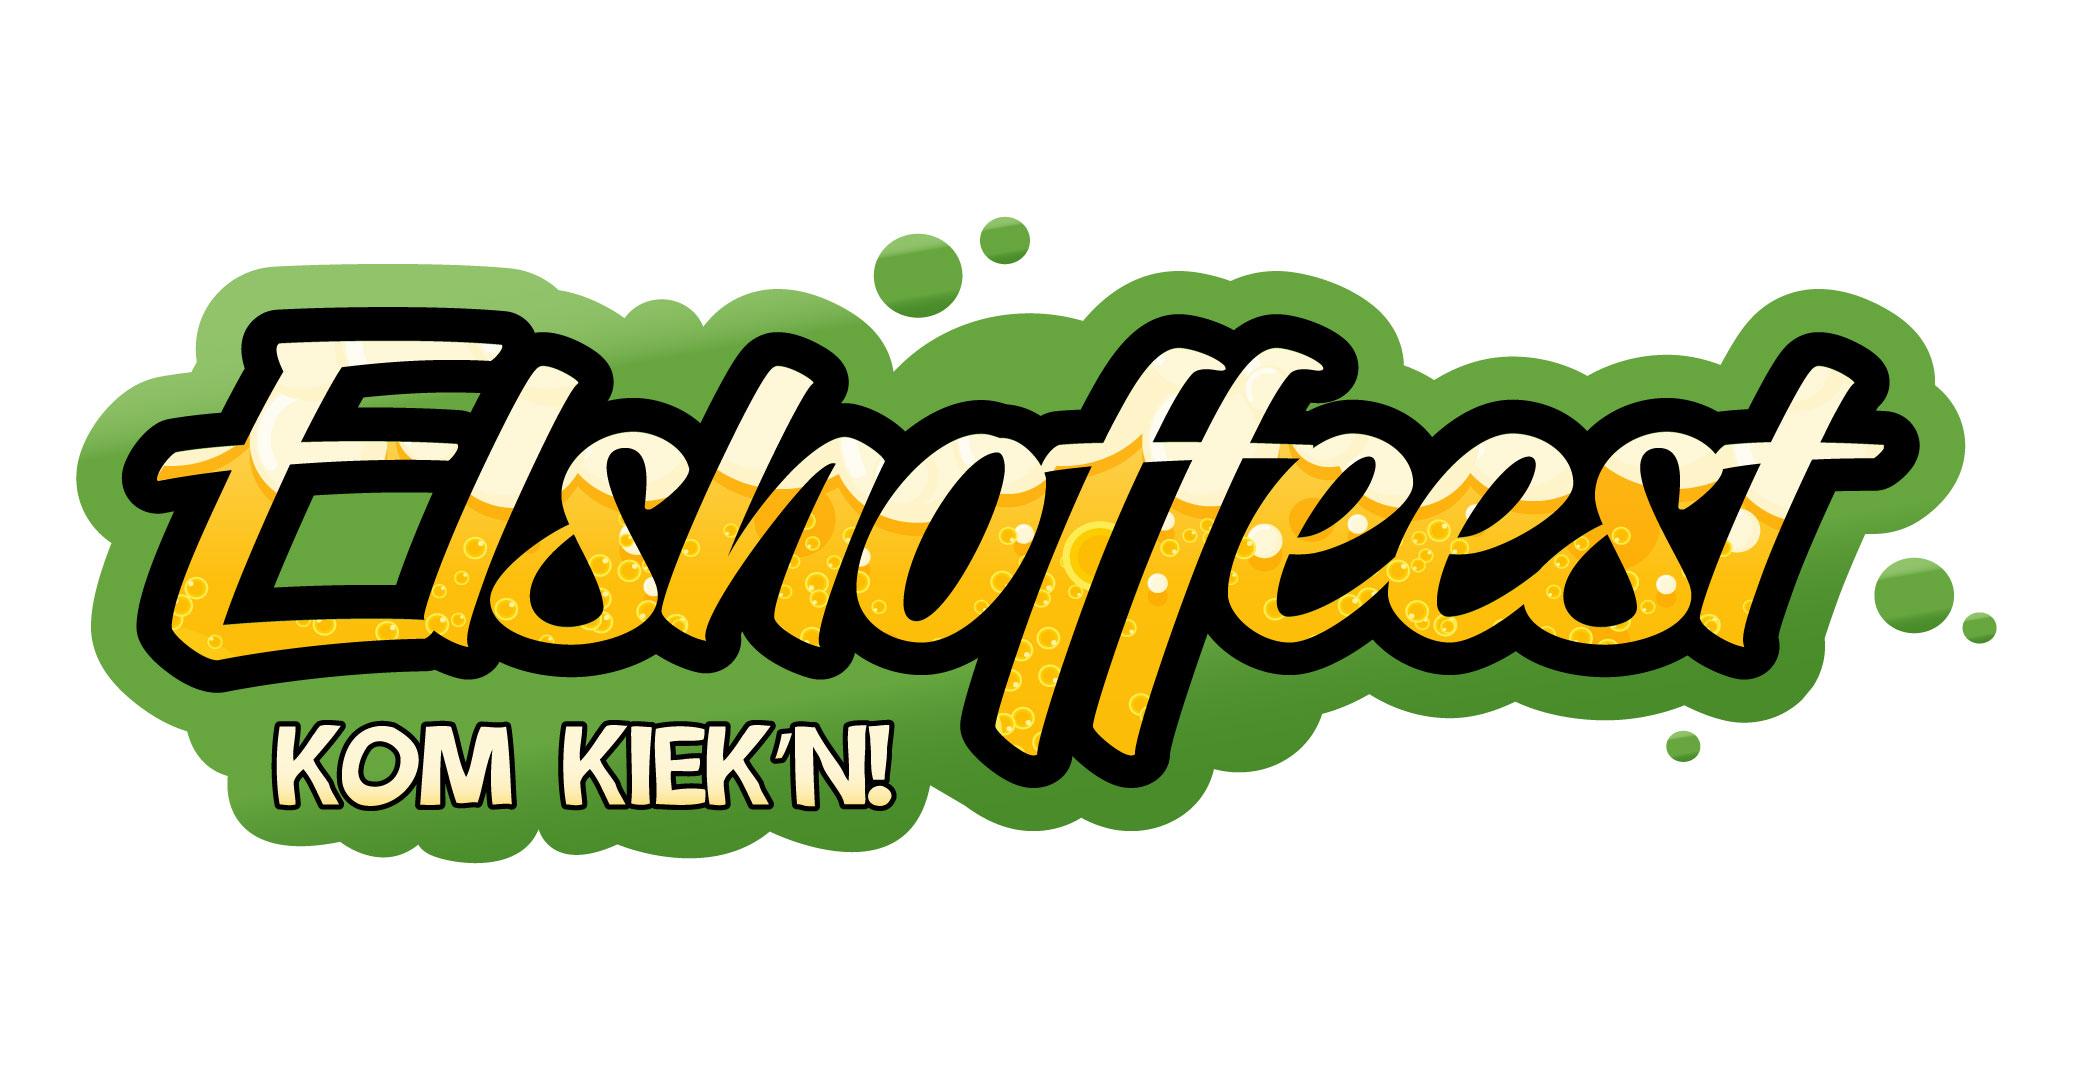 Elshoffeest Logo